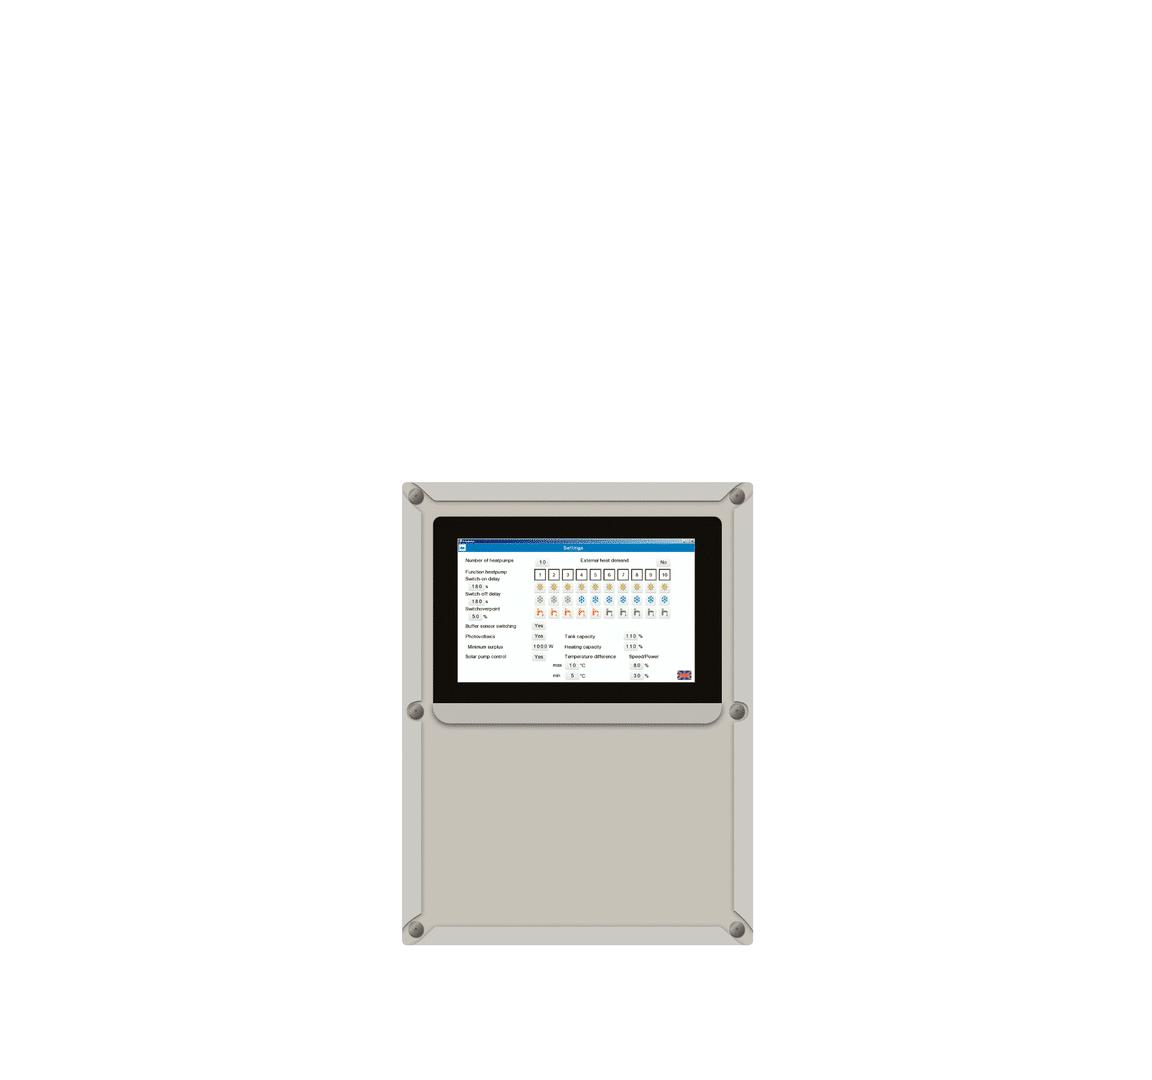 Modbus IP voor BMS communicatie van DHPS